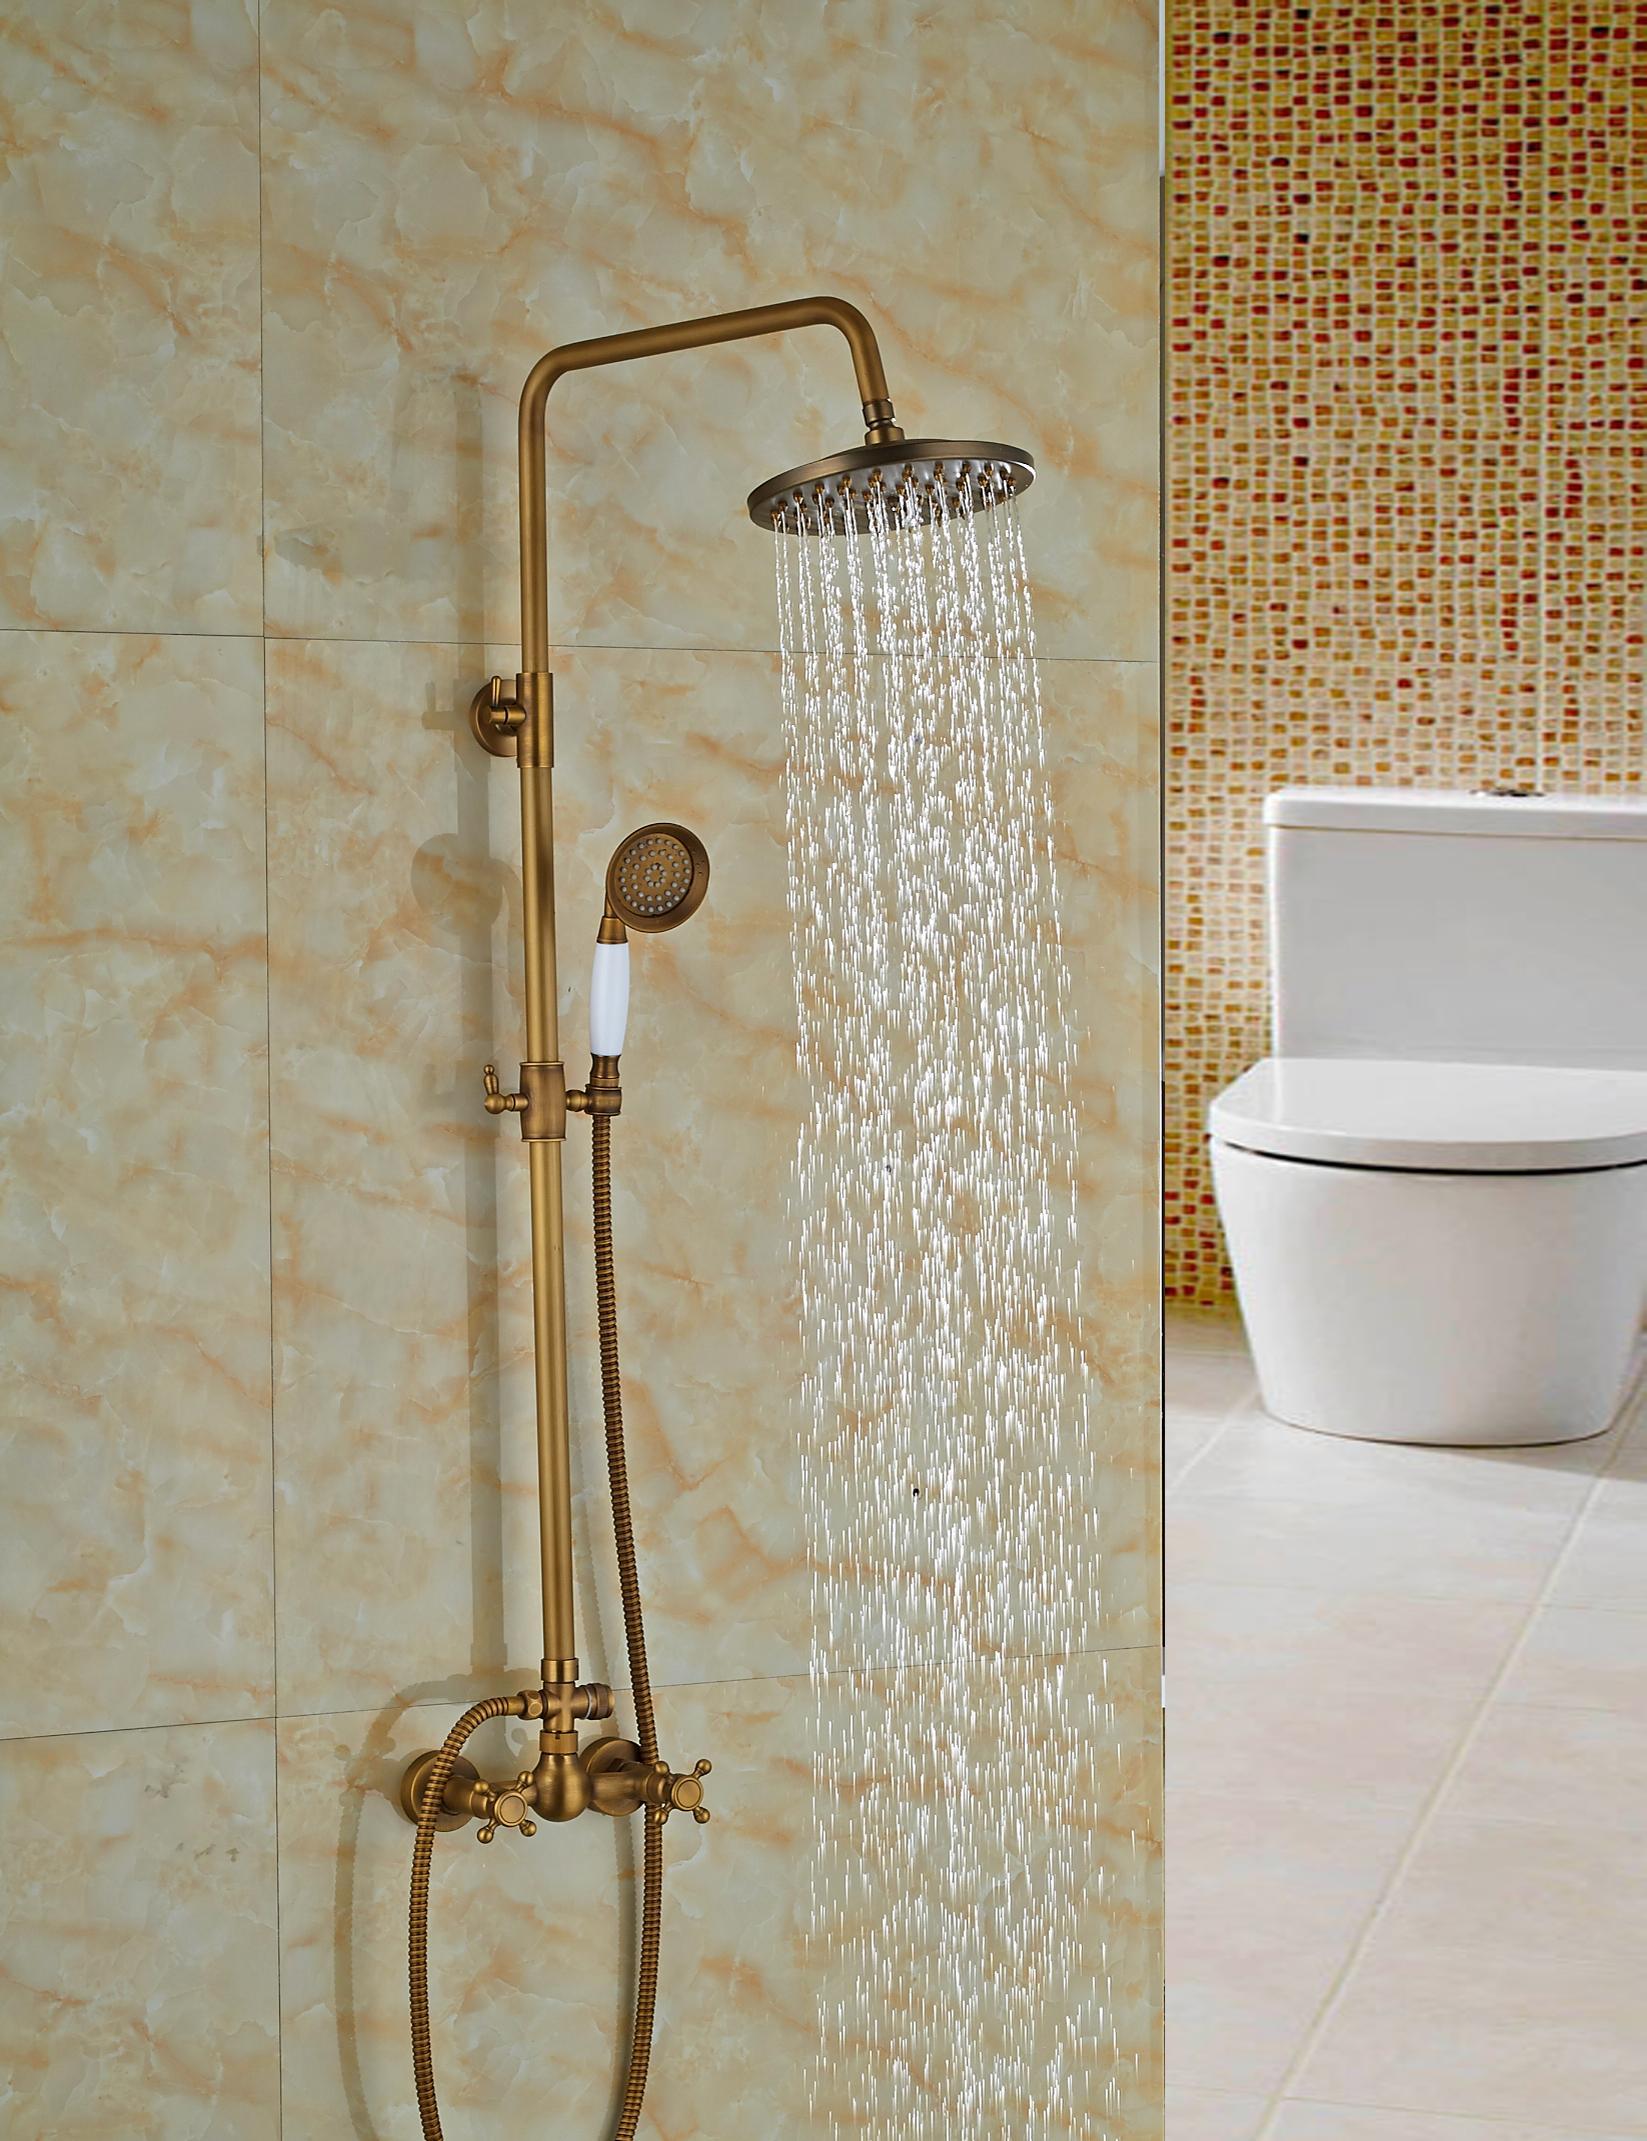 Rain Shower Head Valve Accessories For Antique Copper Shower Column Mixer Faucet